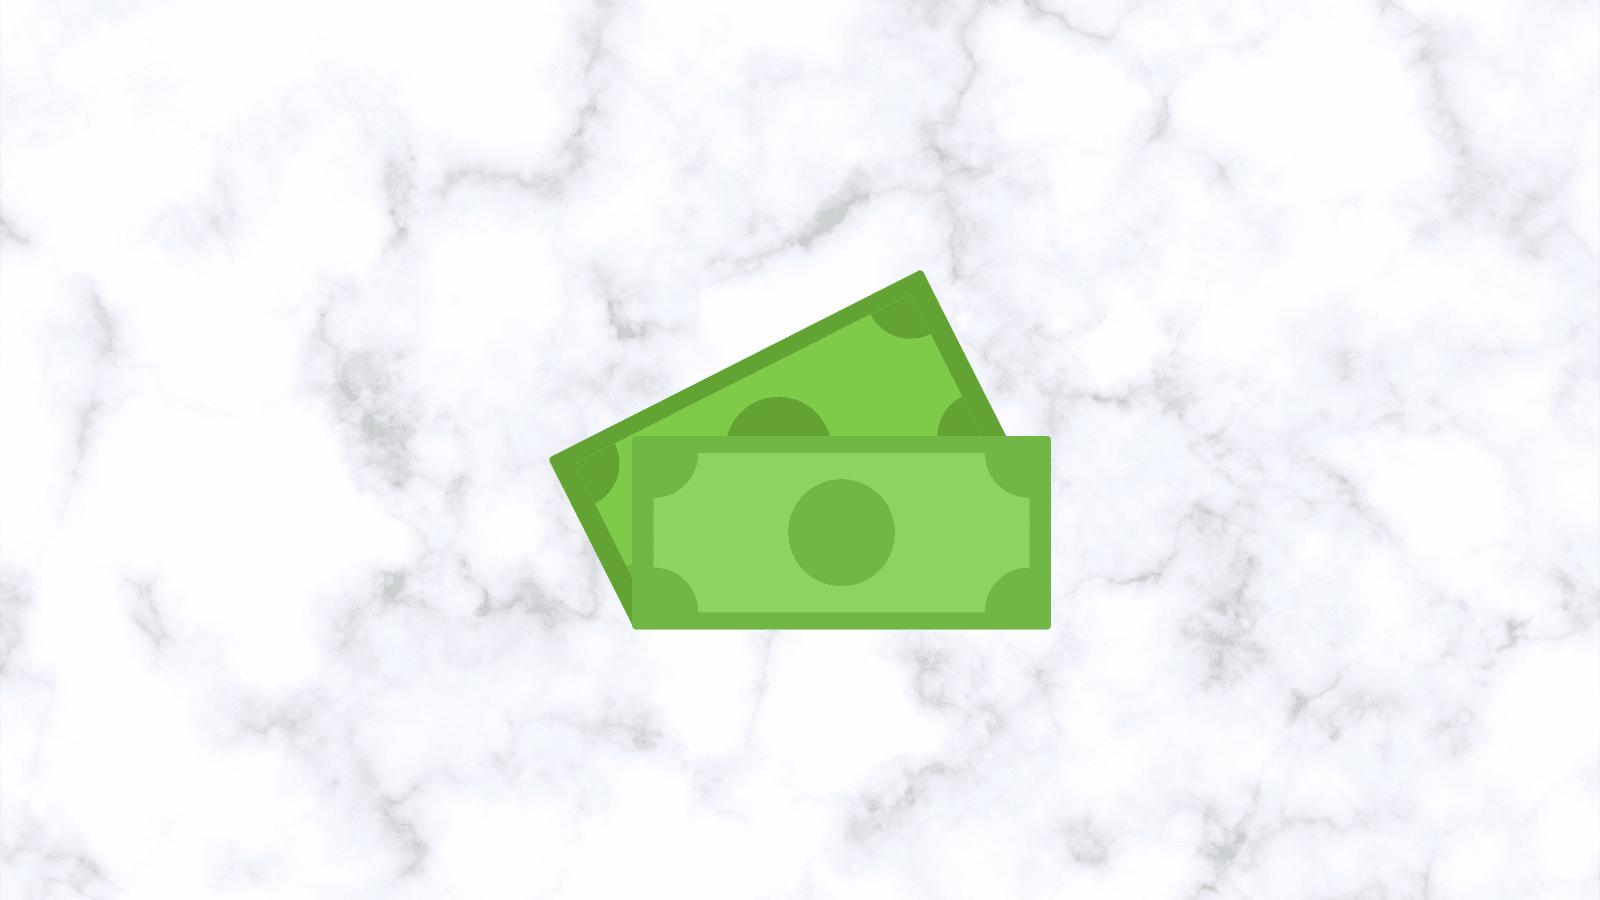 ウーバーイーツの紹介コード適用後、報奨金の表示が0円となる理由